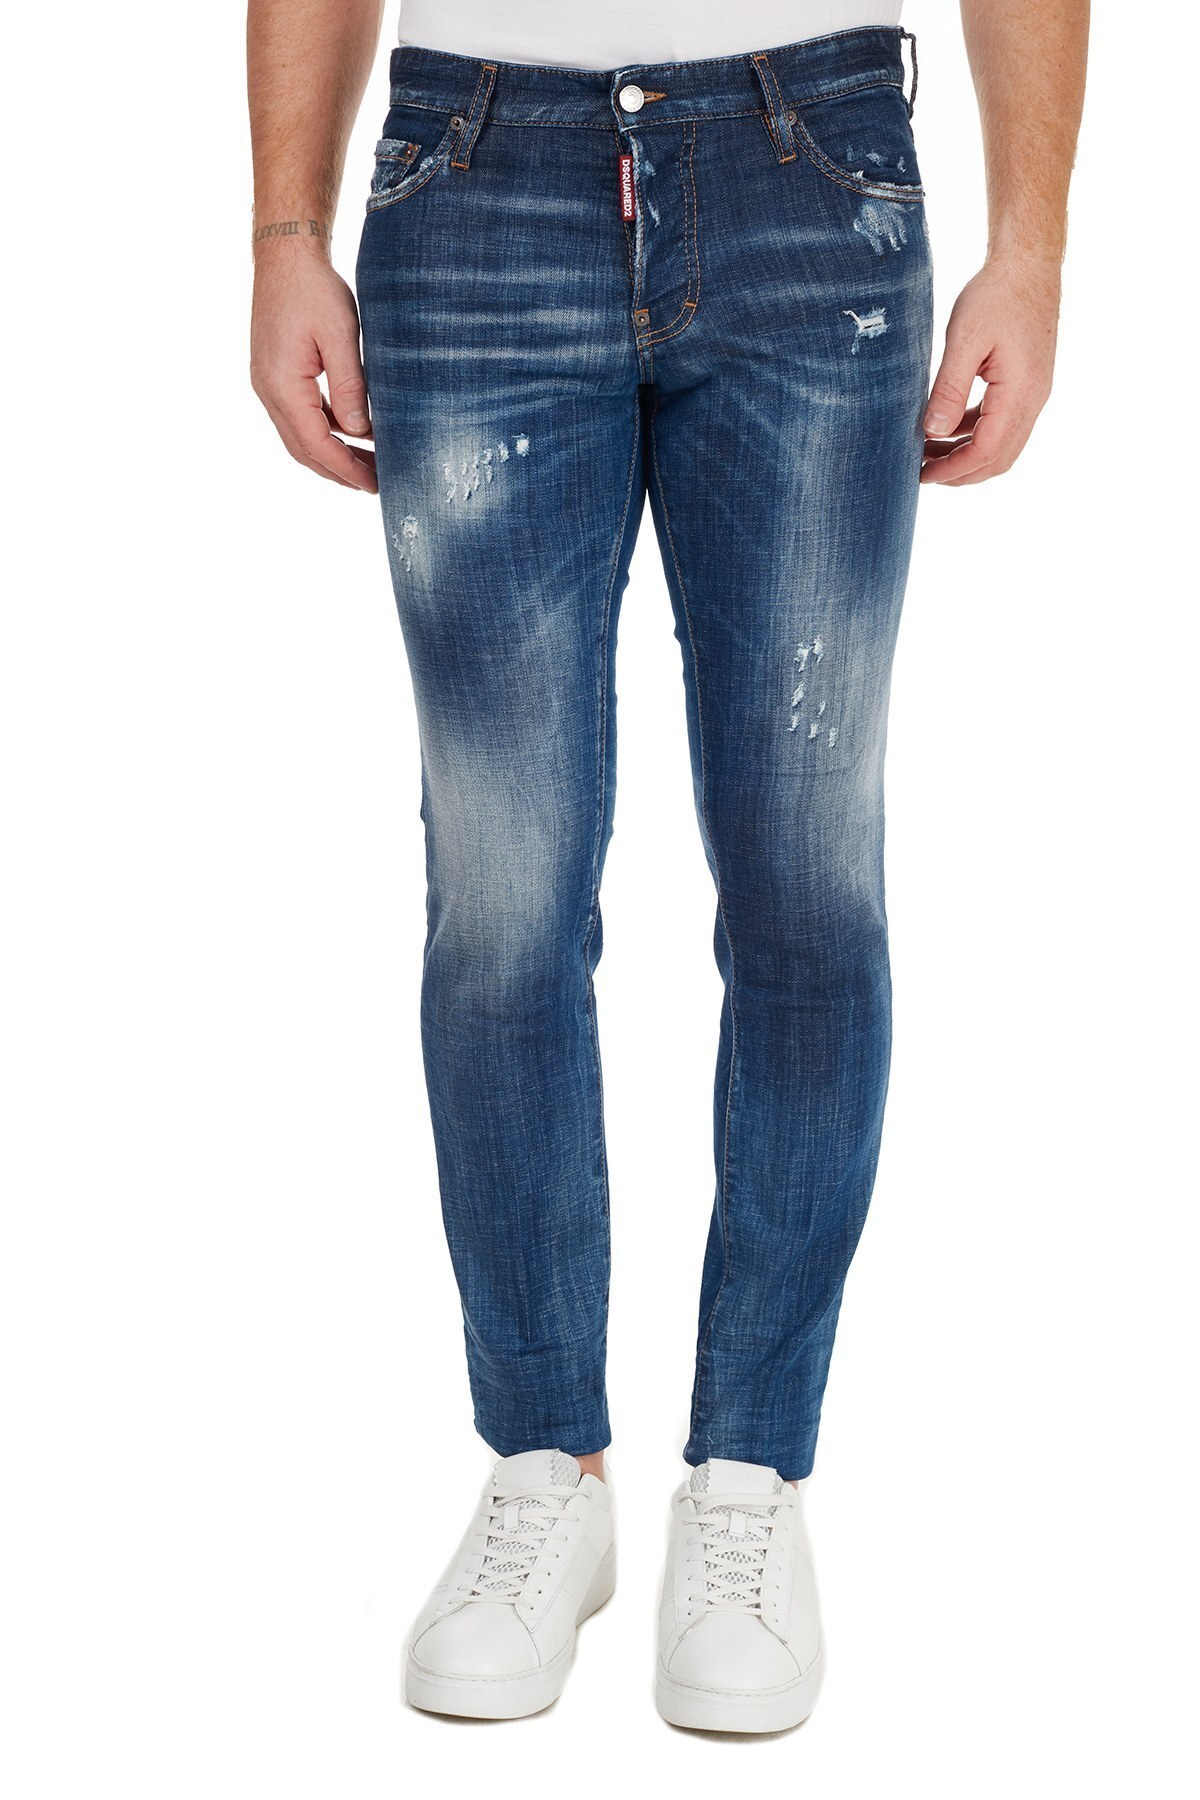 Dsquared2 Slim Fit Pamuklu Jeans Erkek Kot Pantolon S74LB0758 S30342 470 MAVİ